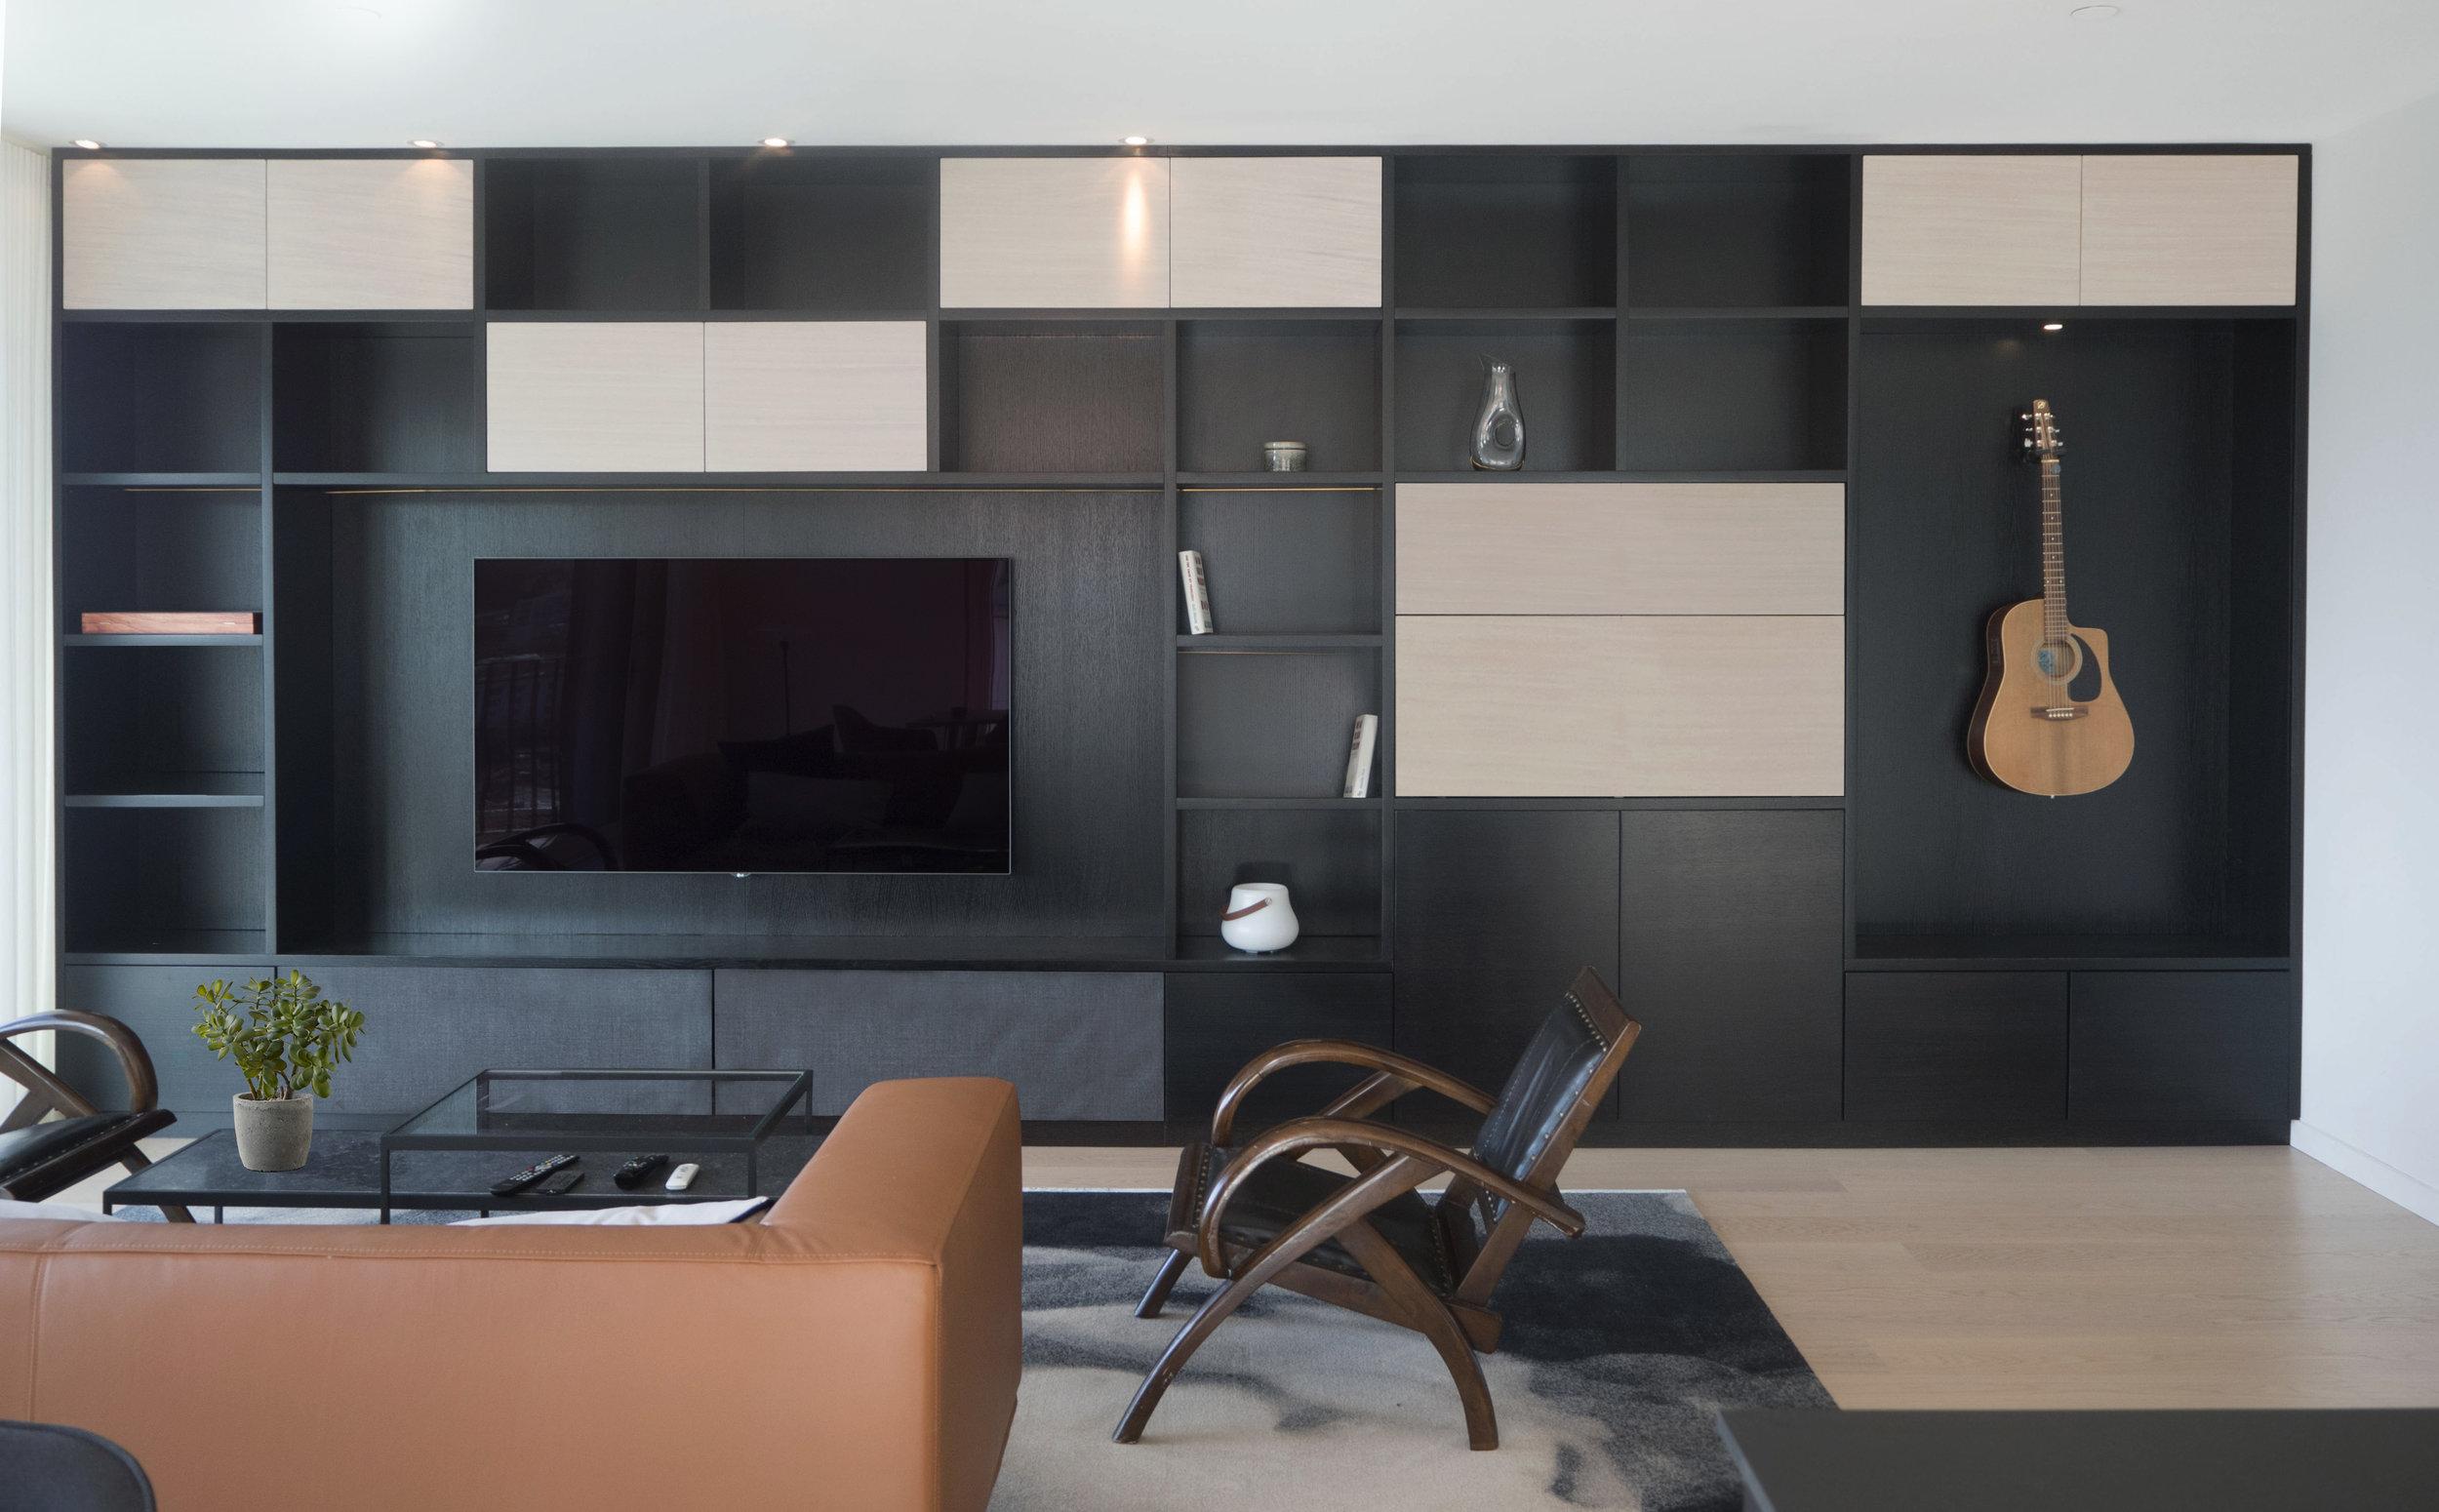 Et av leilighetens smykker er bokhyllen som er skreddersydd for å romme elementer etter kundens ønsker.